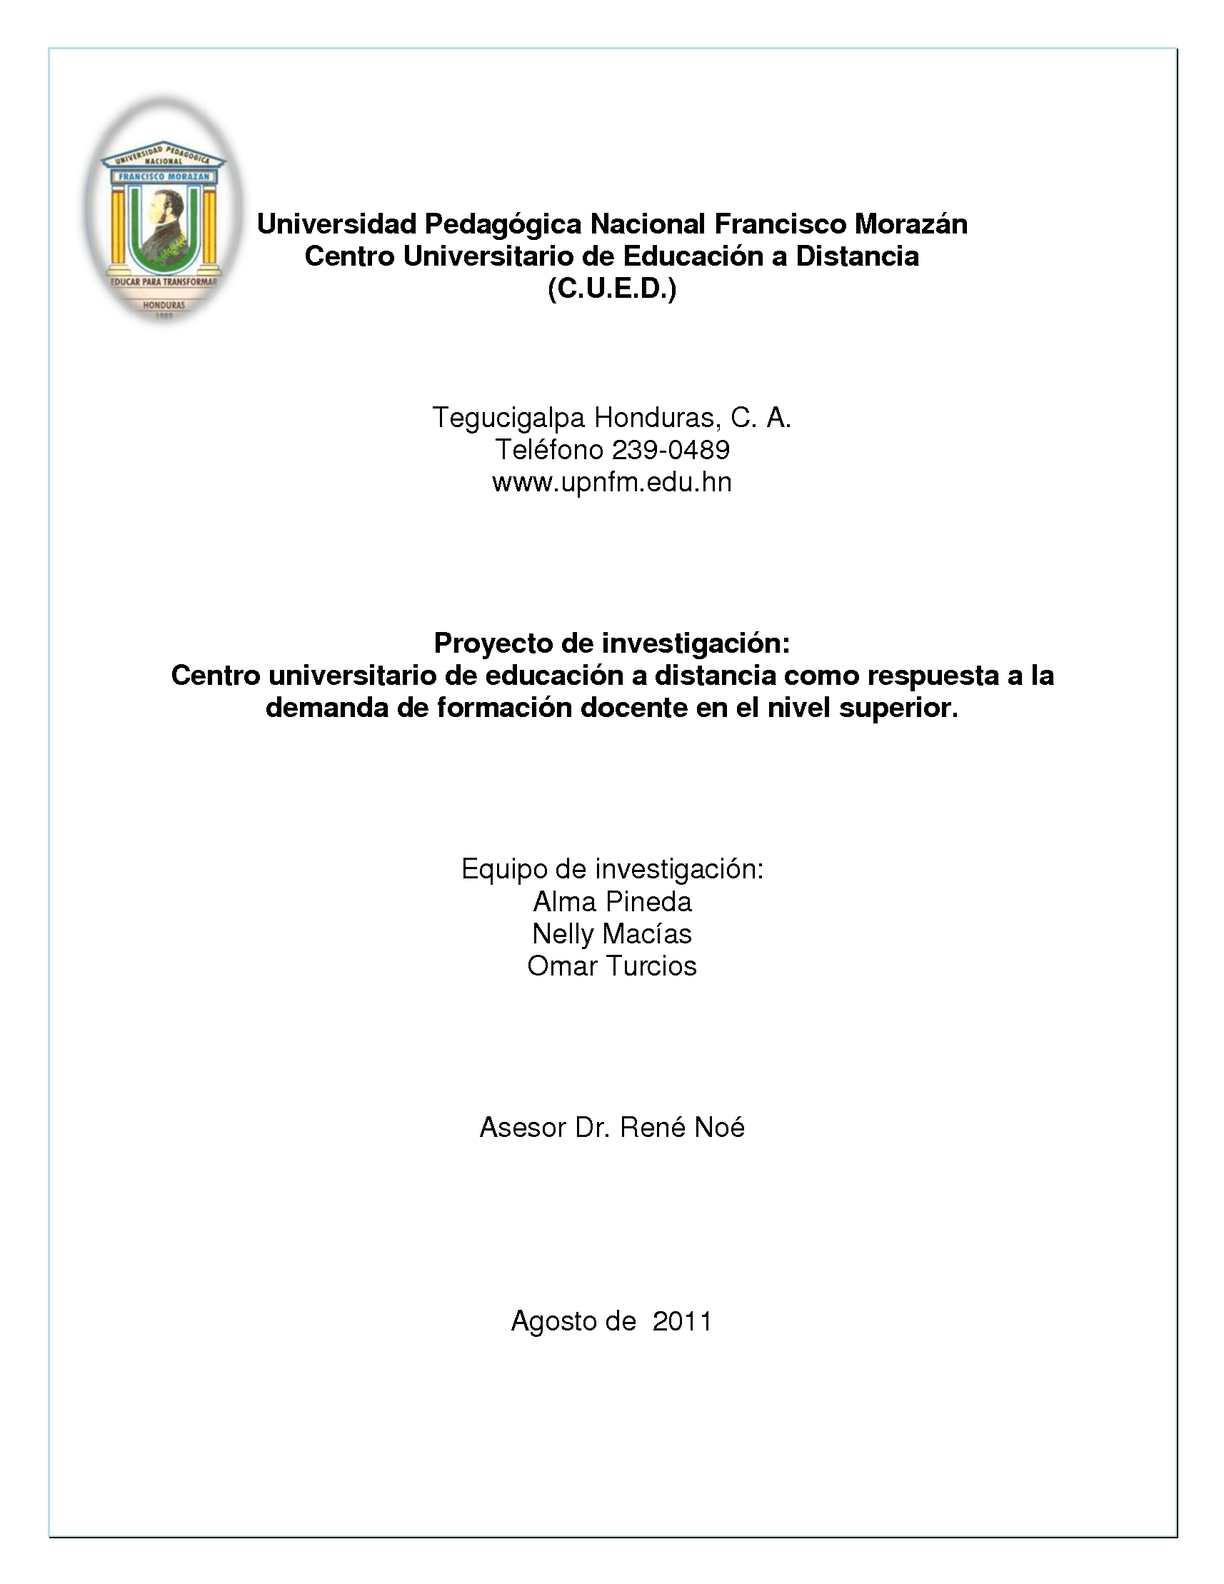 Calaméo - CENTRO UNIVERSITARIO DE EDUCACION A DISTANCIA COMO ...